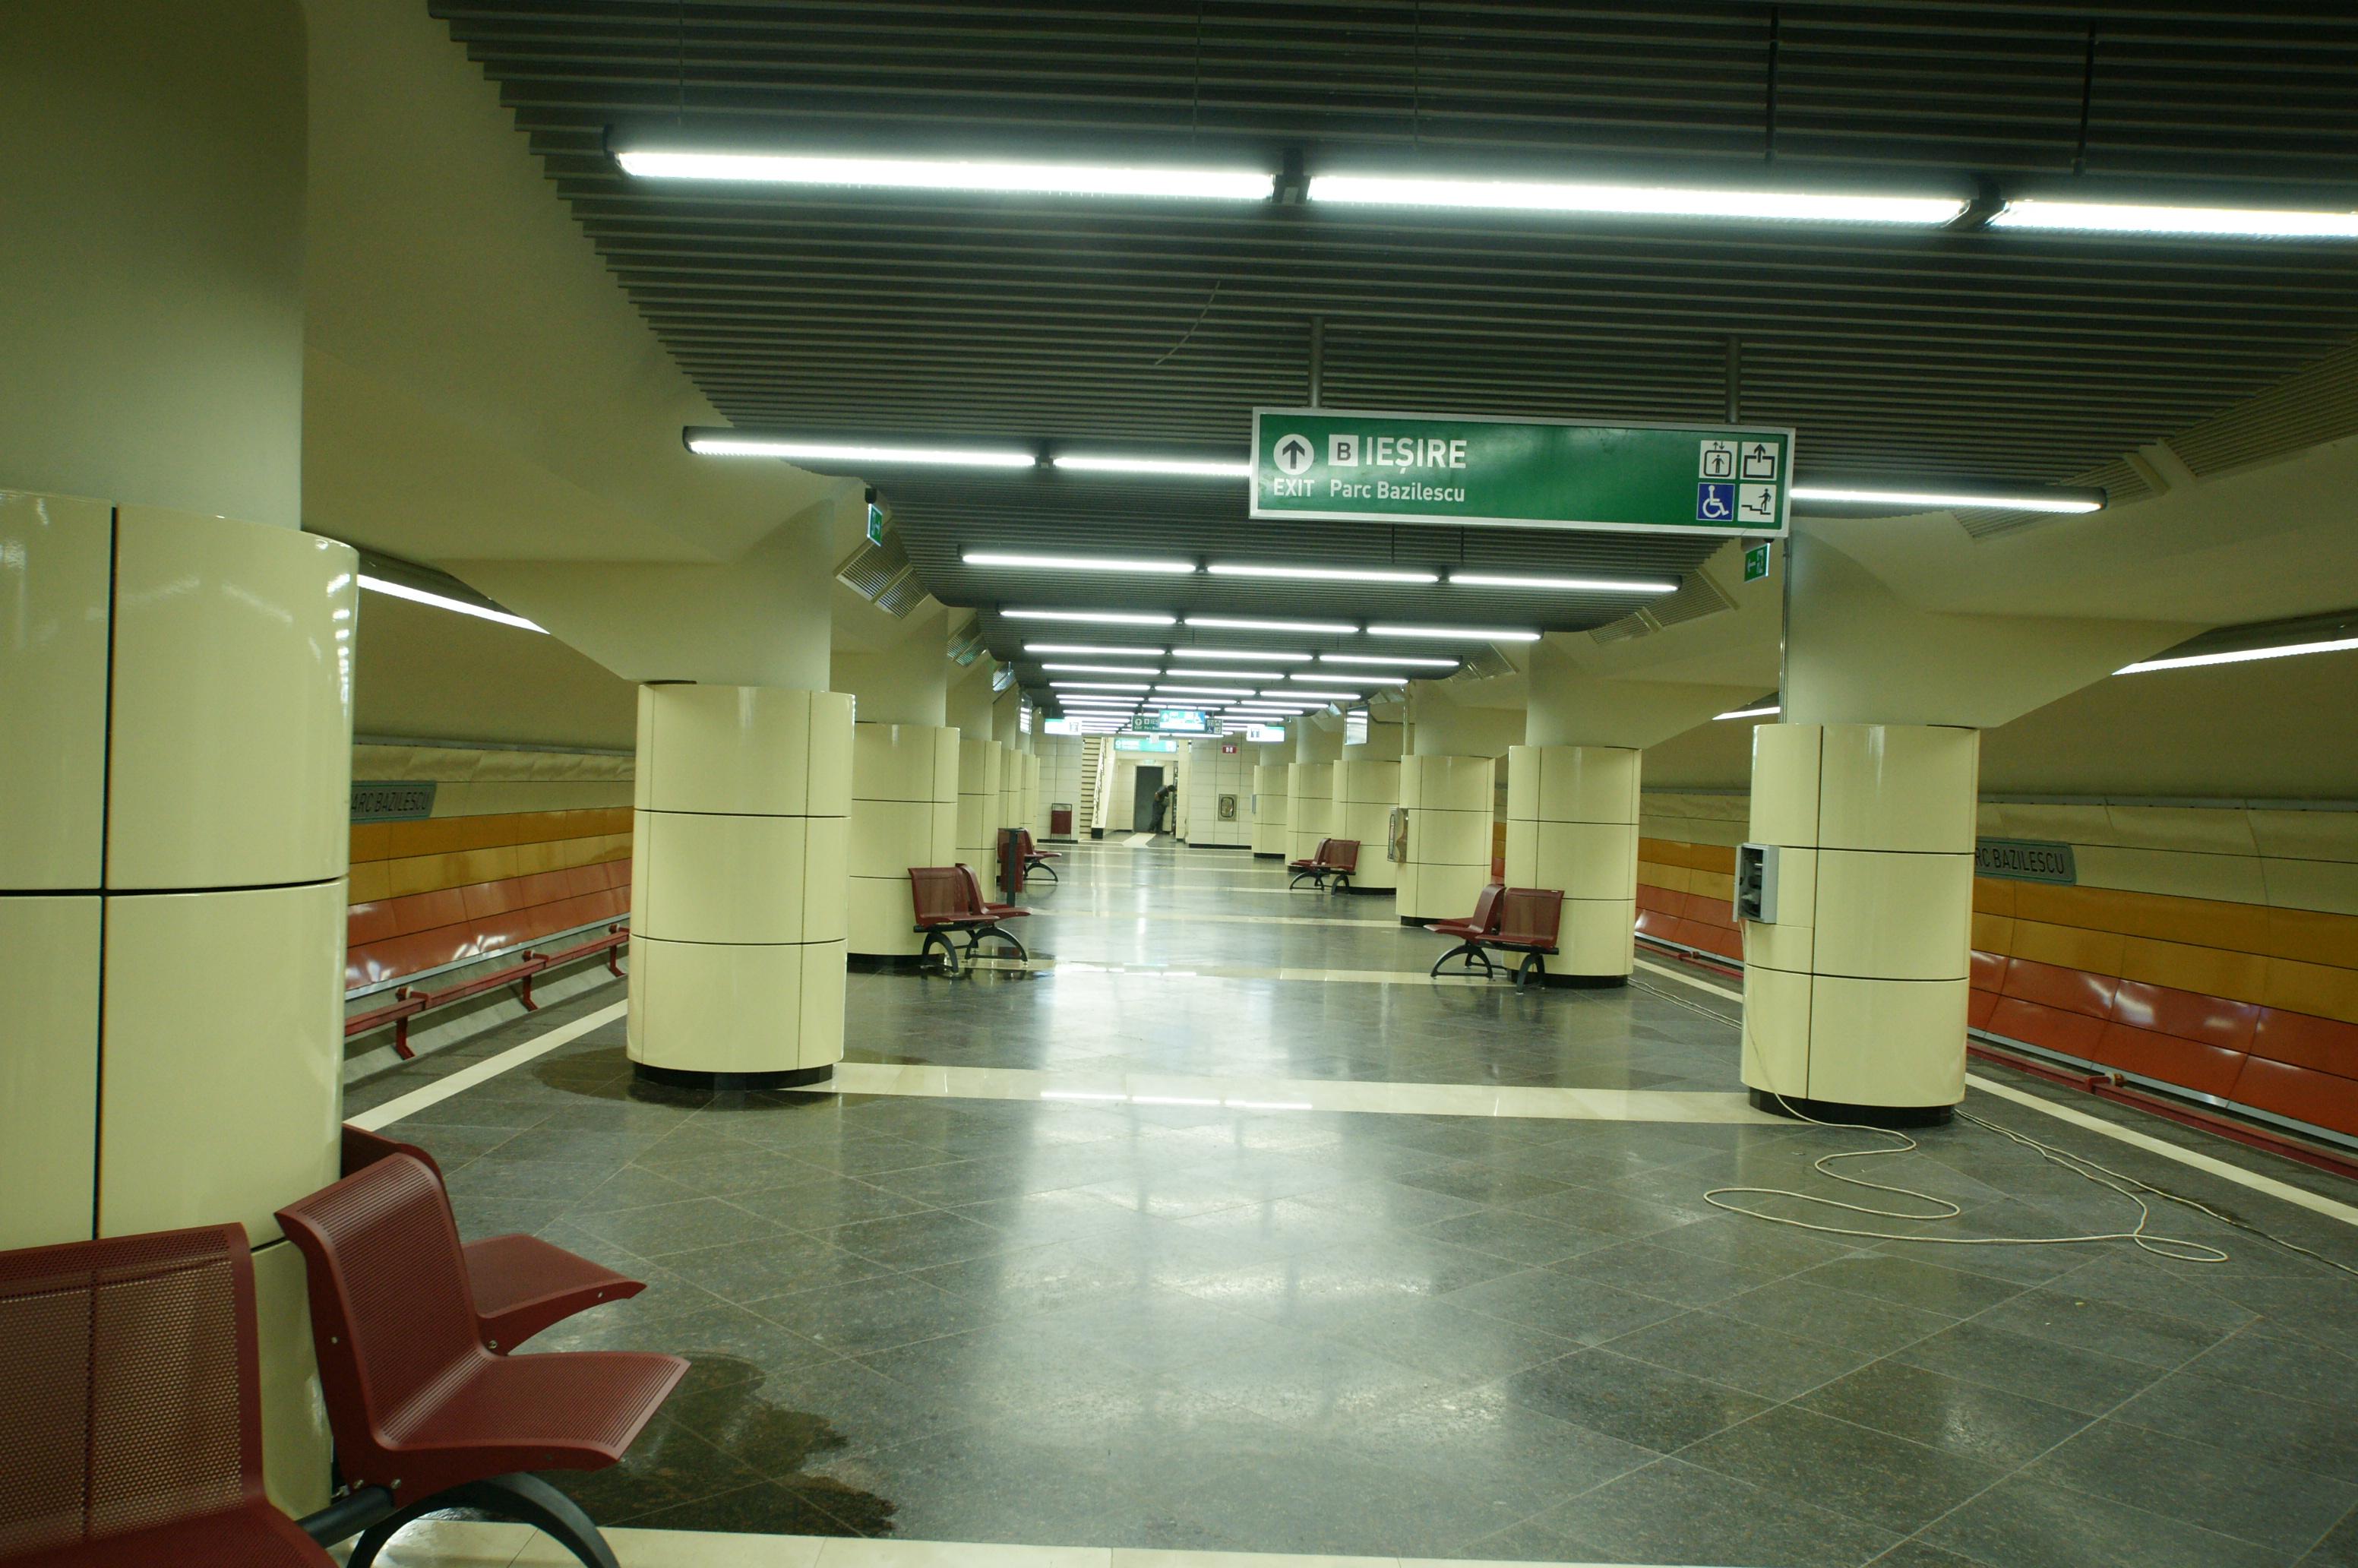 Panouri din tabla de otel folosite la statia de metrou Bazilescu OMERAS - Poza 4